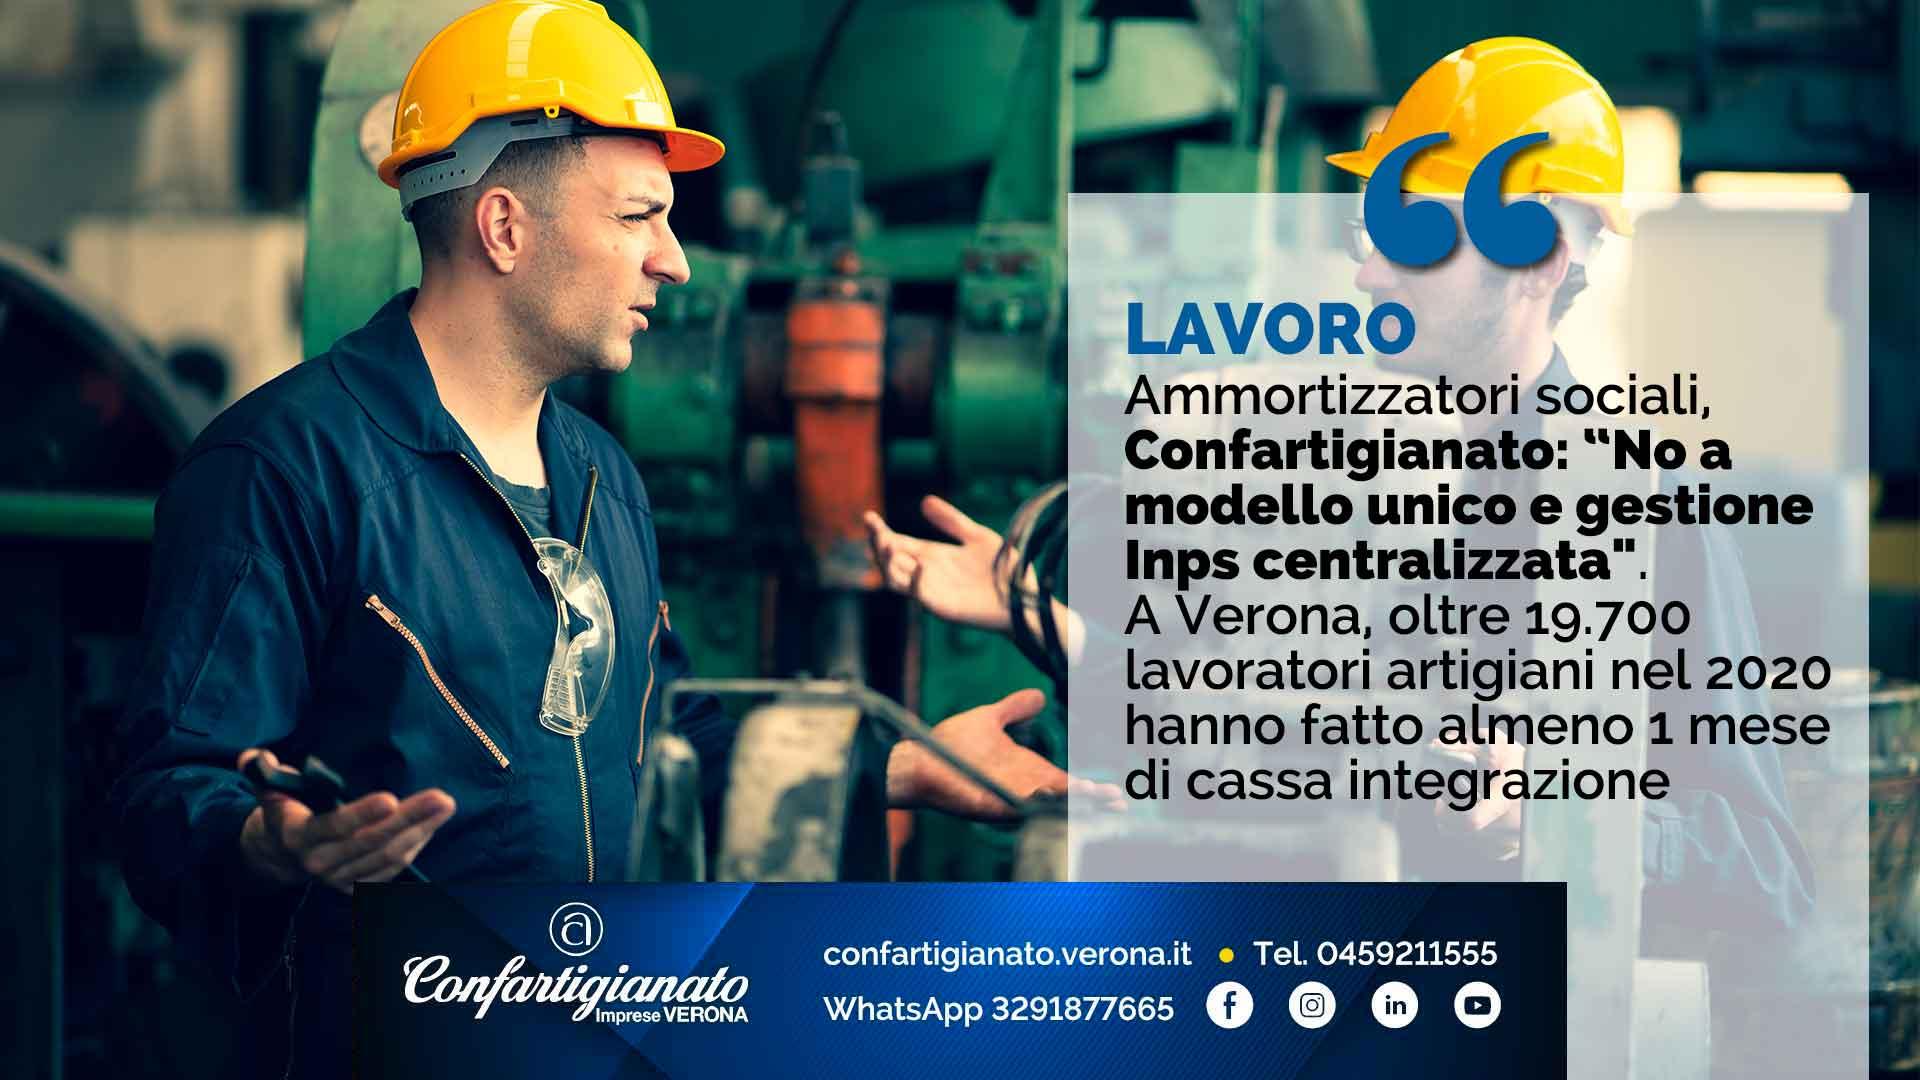 """LAVORO – Ammortizzatori sociali, Confartigianato: """"No a modello unico e gestione Inps centralizzata"""". Oltre 19.700 lavoratori artigiani nel 2020 hanno fatto almeno 1 mese di cassa integrazione"""